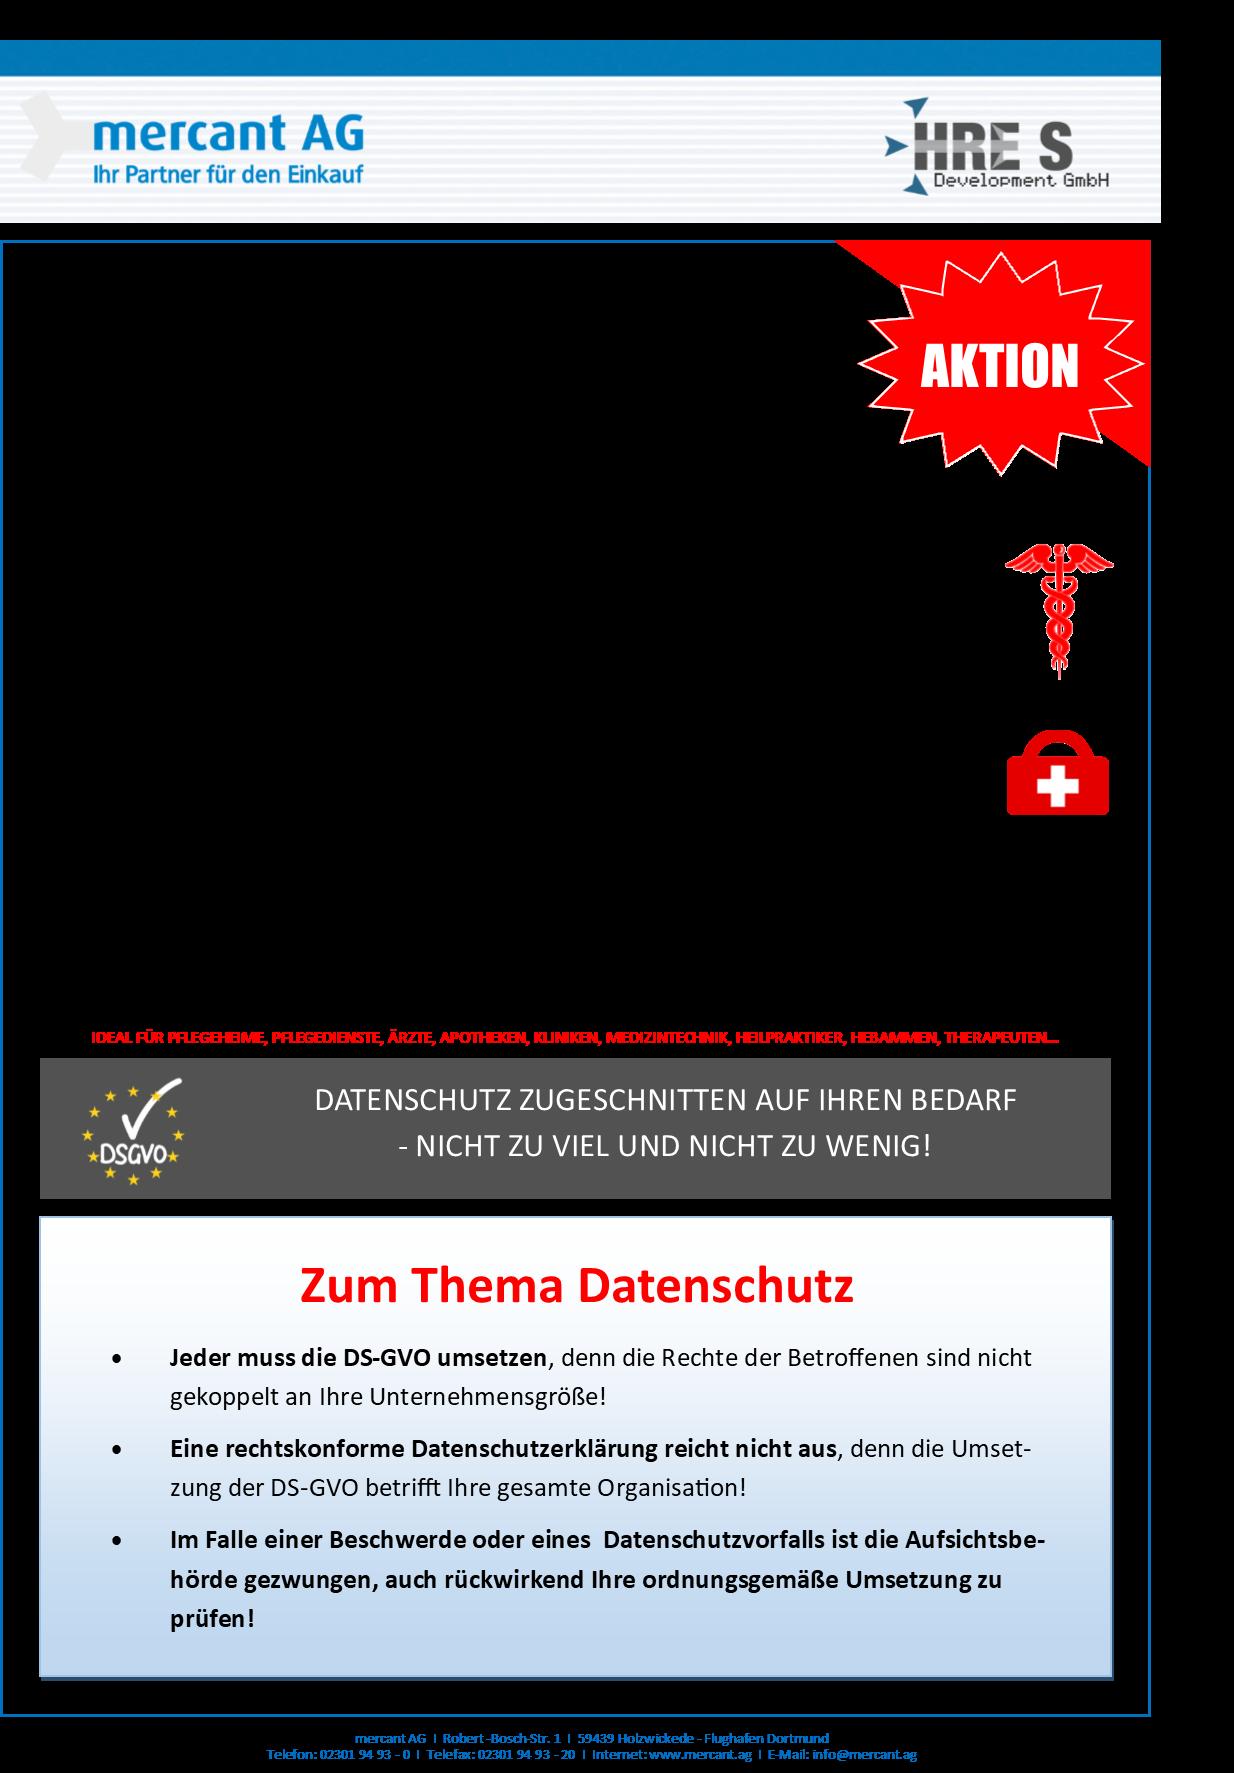 Infografik zu unseren Dienstleistungen zum Thema Datenschutz